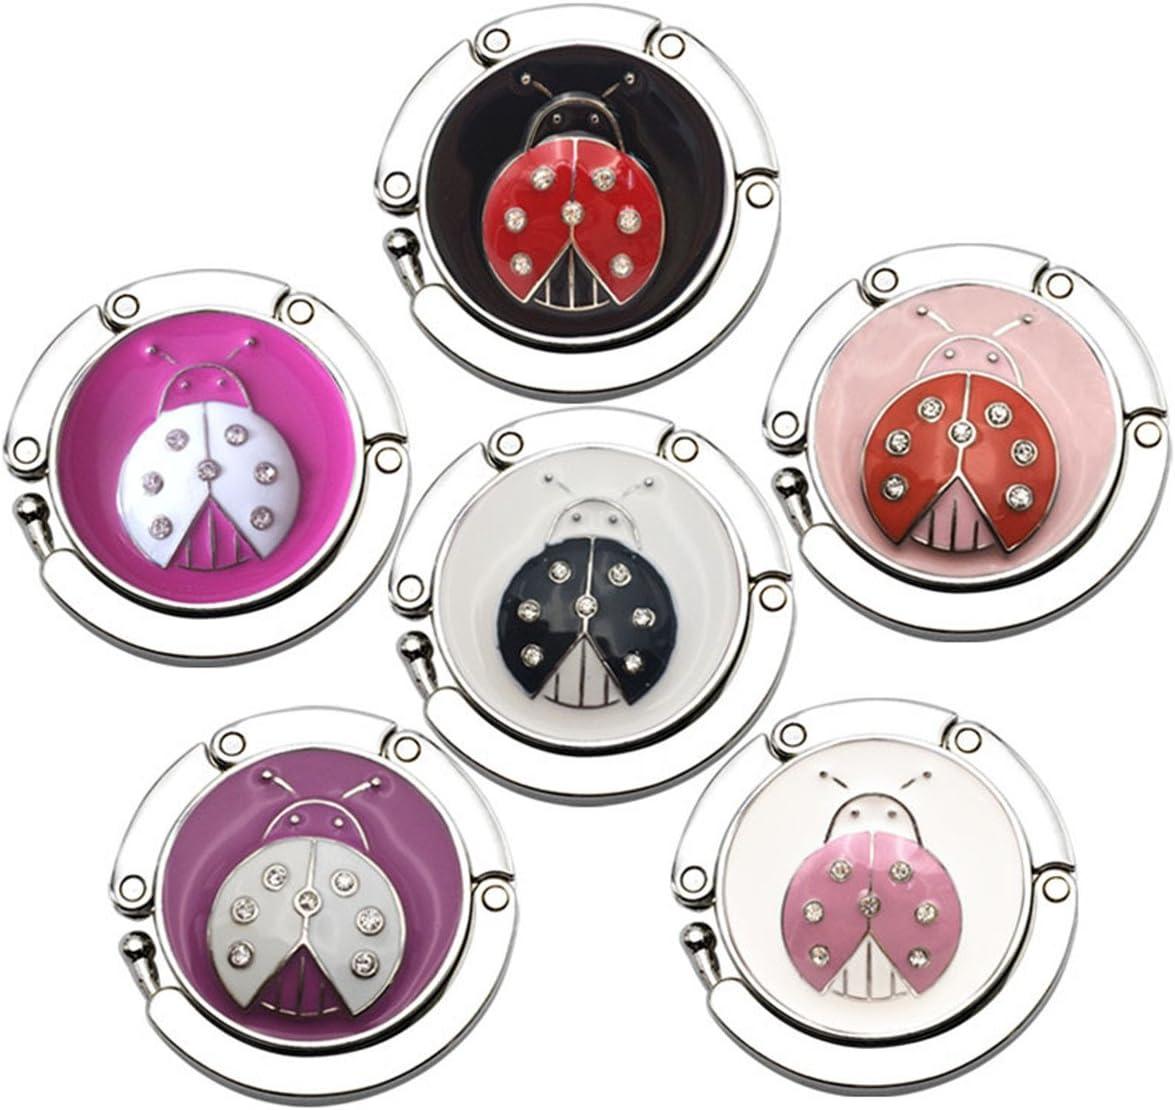 Reizteko Purse Hook,Ladybug Beeetle Foldable Handbag Purse Hanger Hook Holder for Tables (Pack of 6)